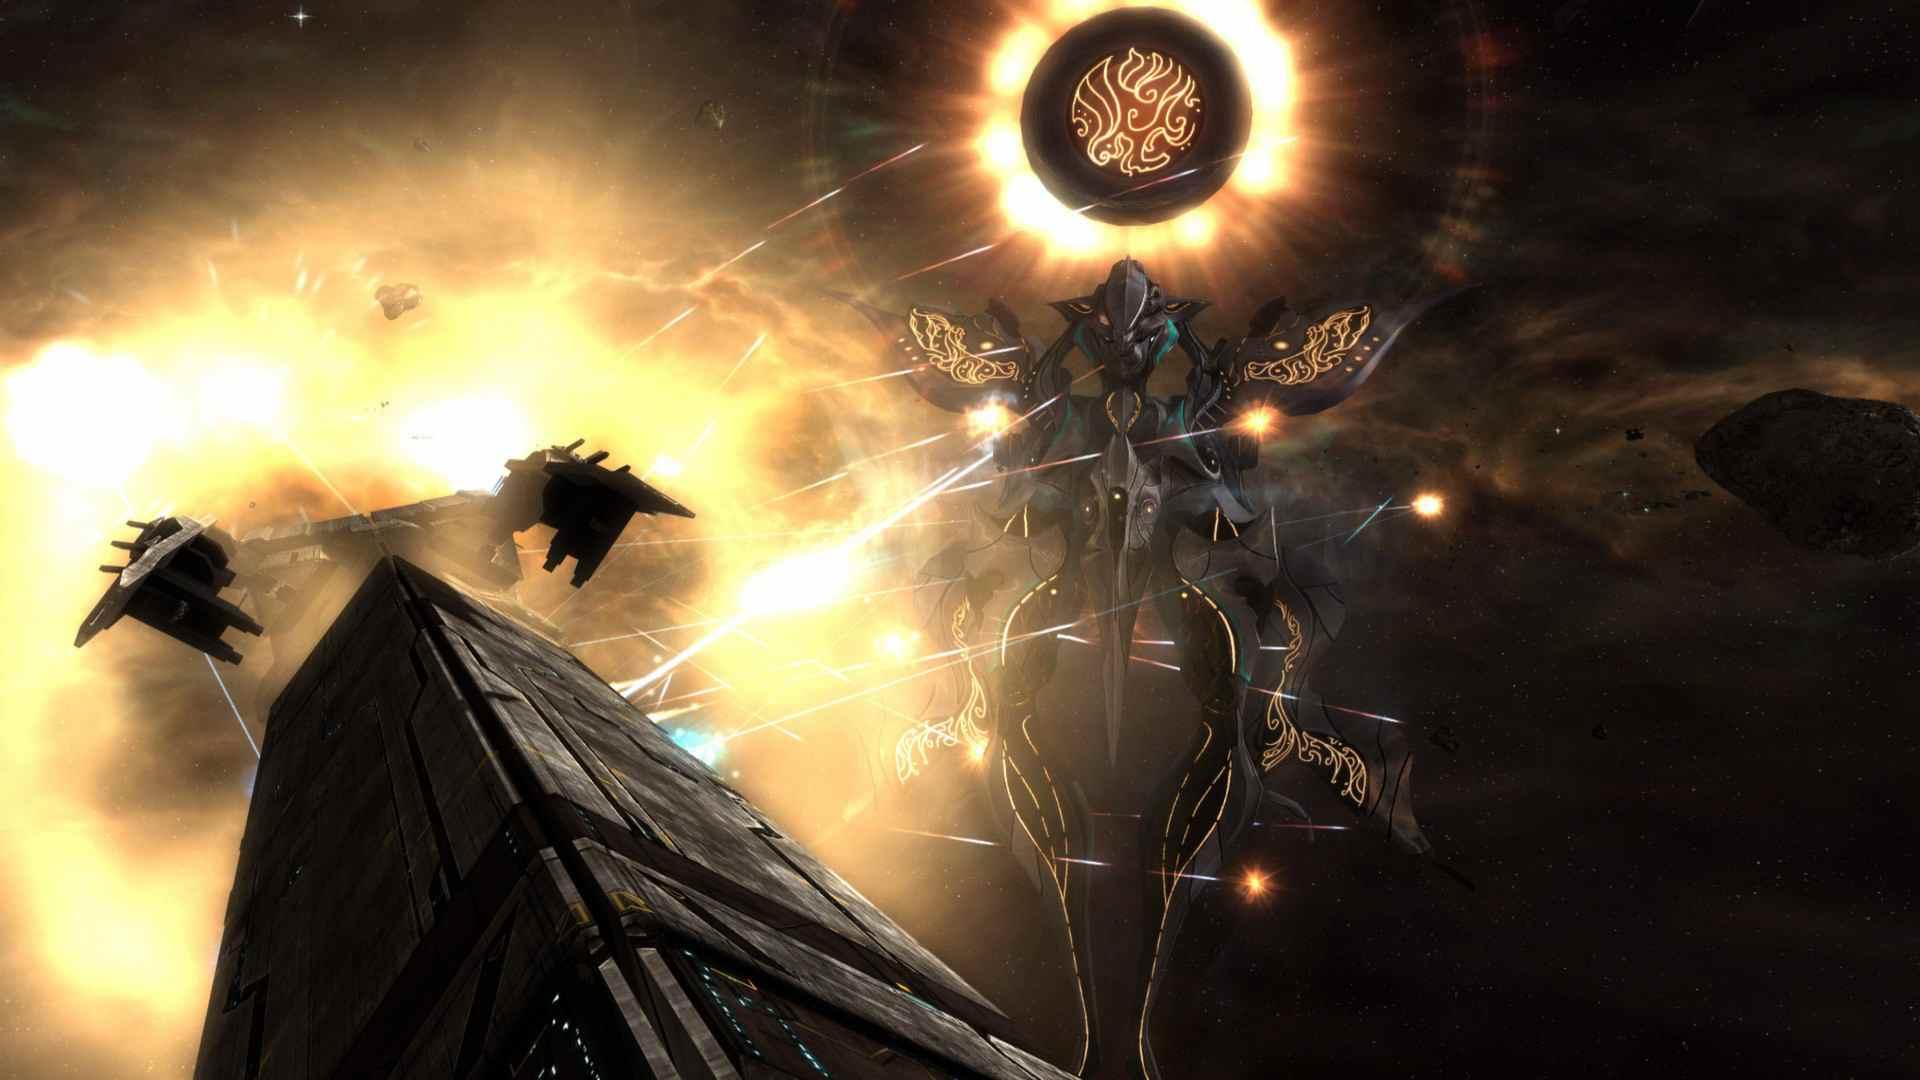 太阳帝国的原罪:背叛图片